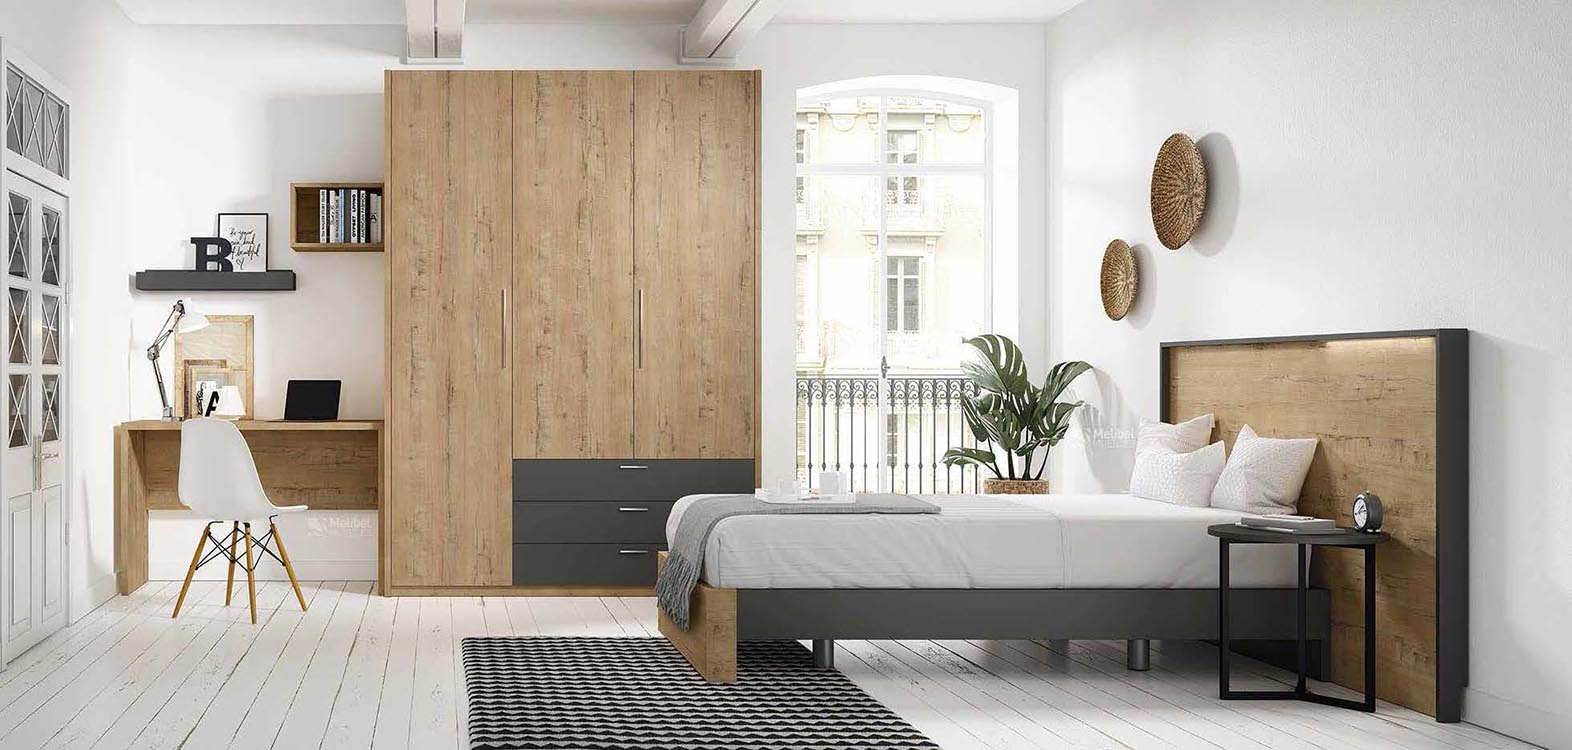 Cabeceros de cama originales - Cabeceros de camas originales ...